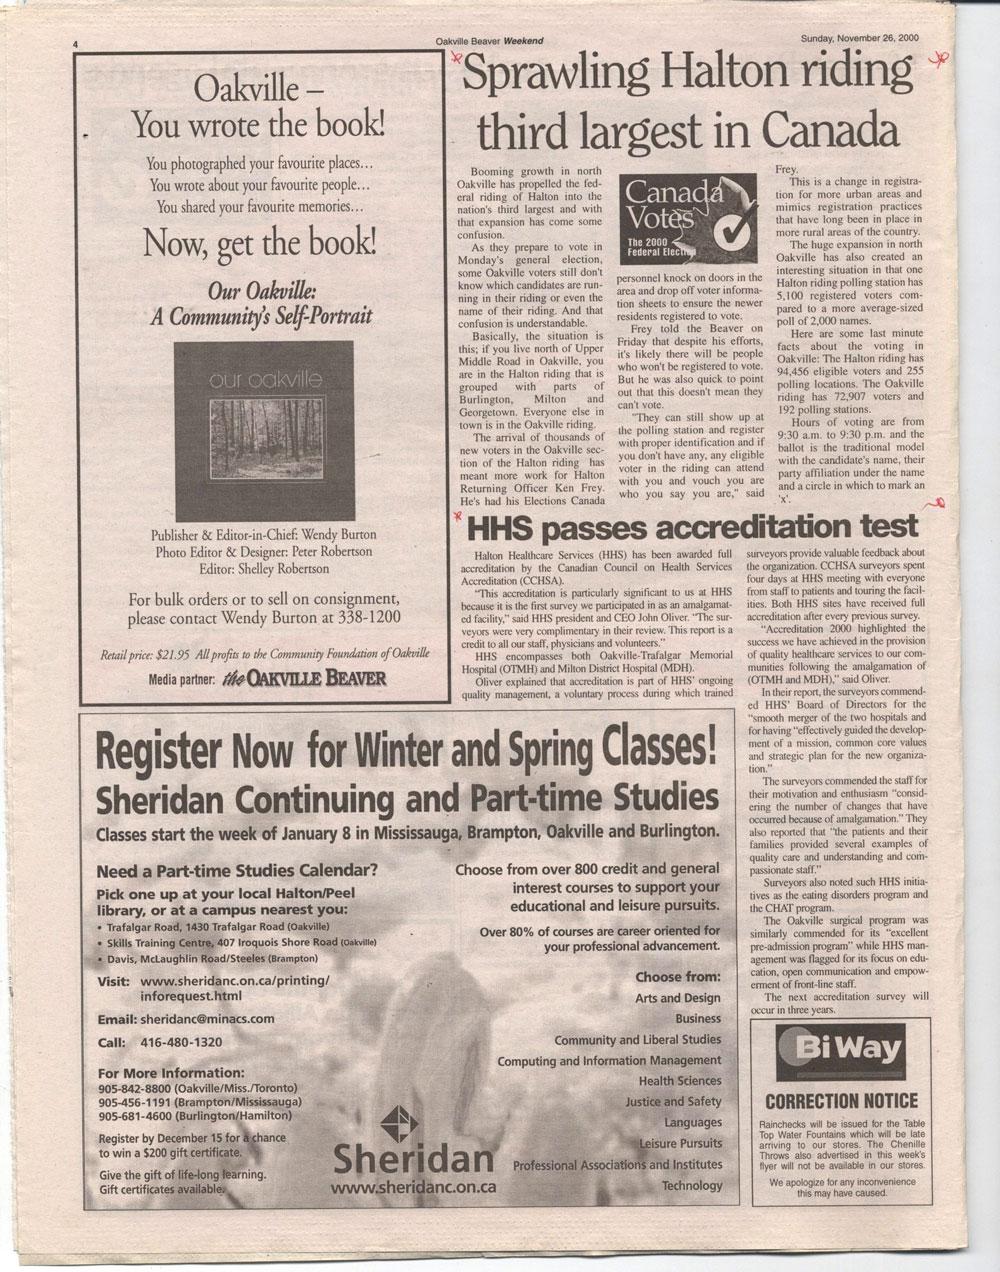 Oakville Beaver, 26 Nov 2000